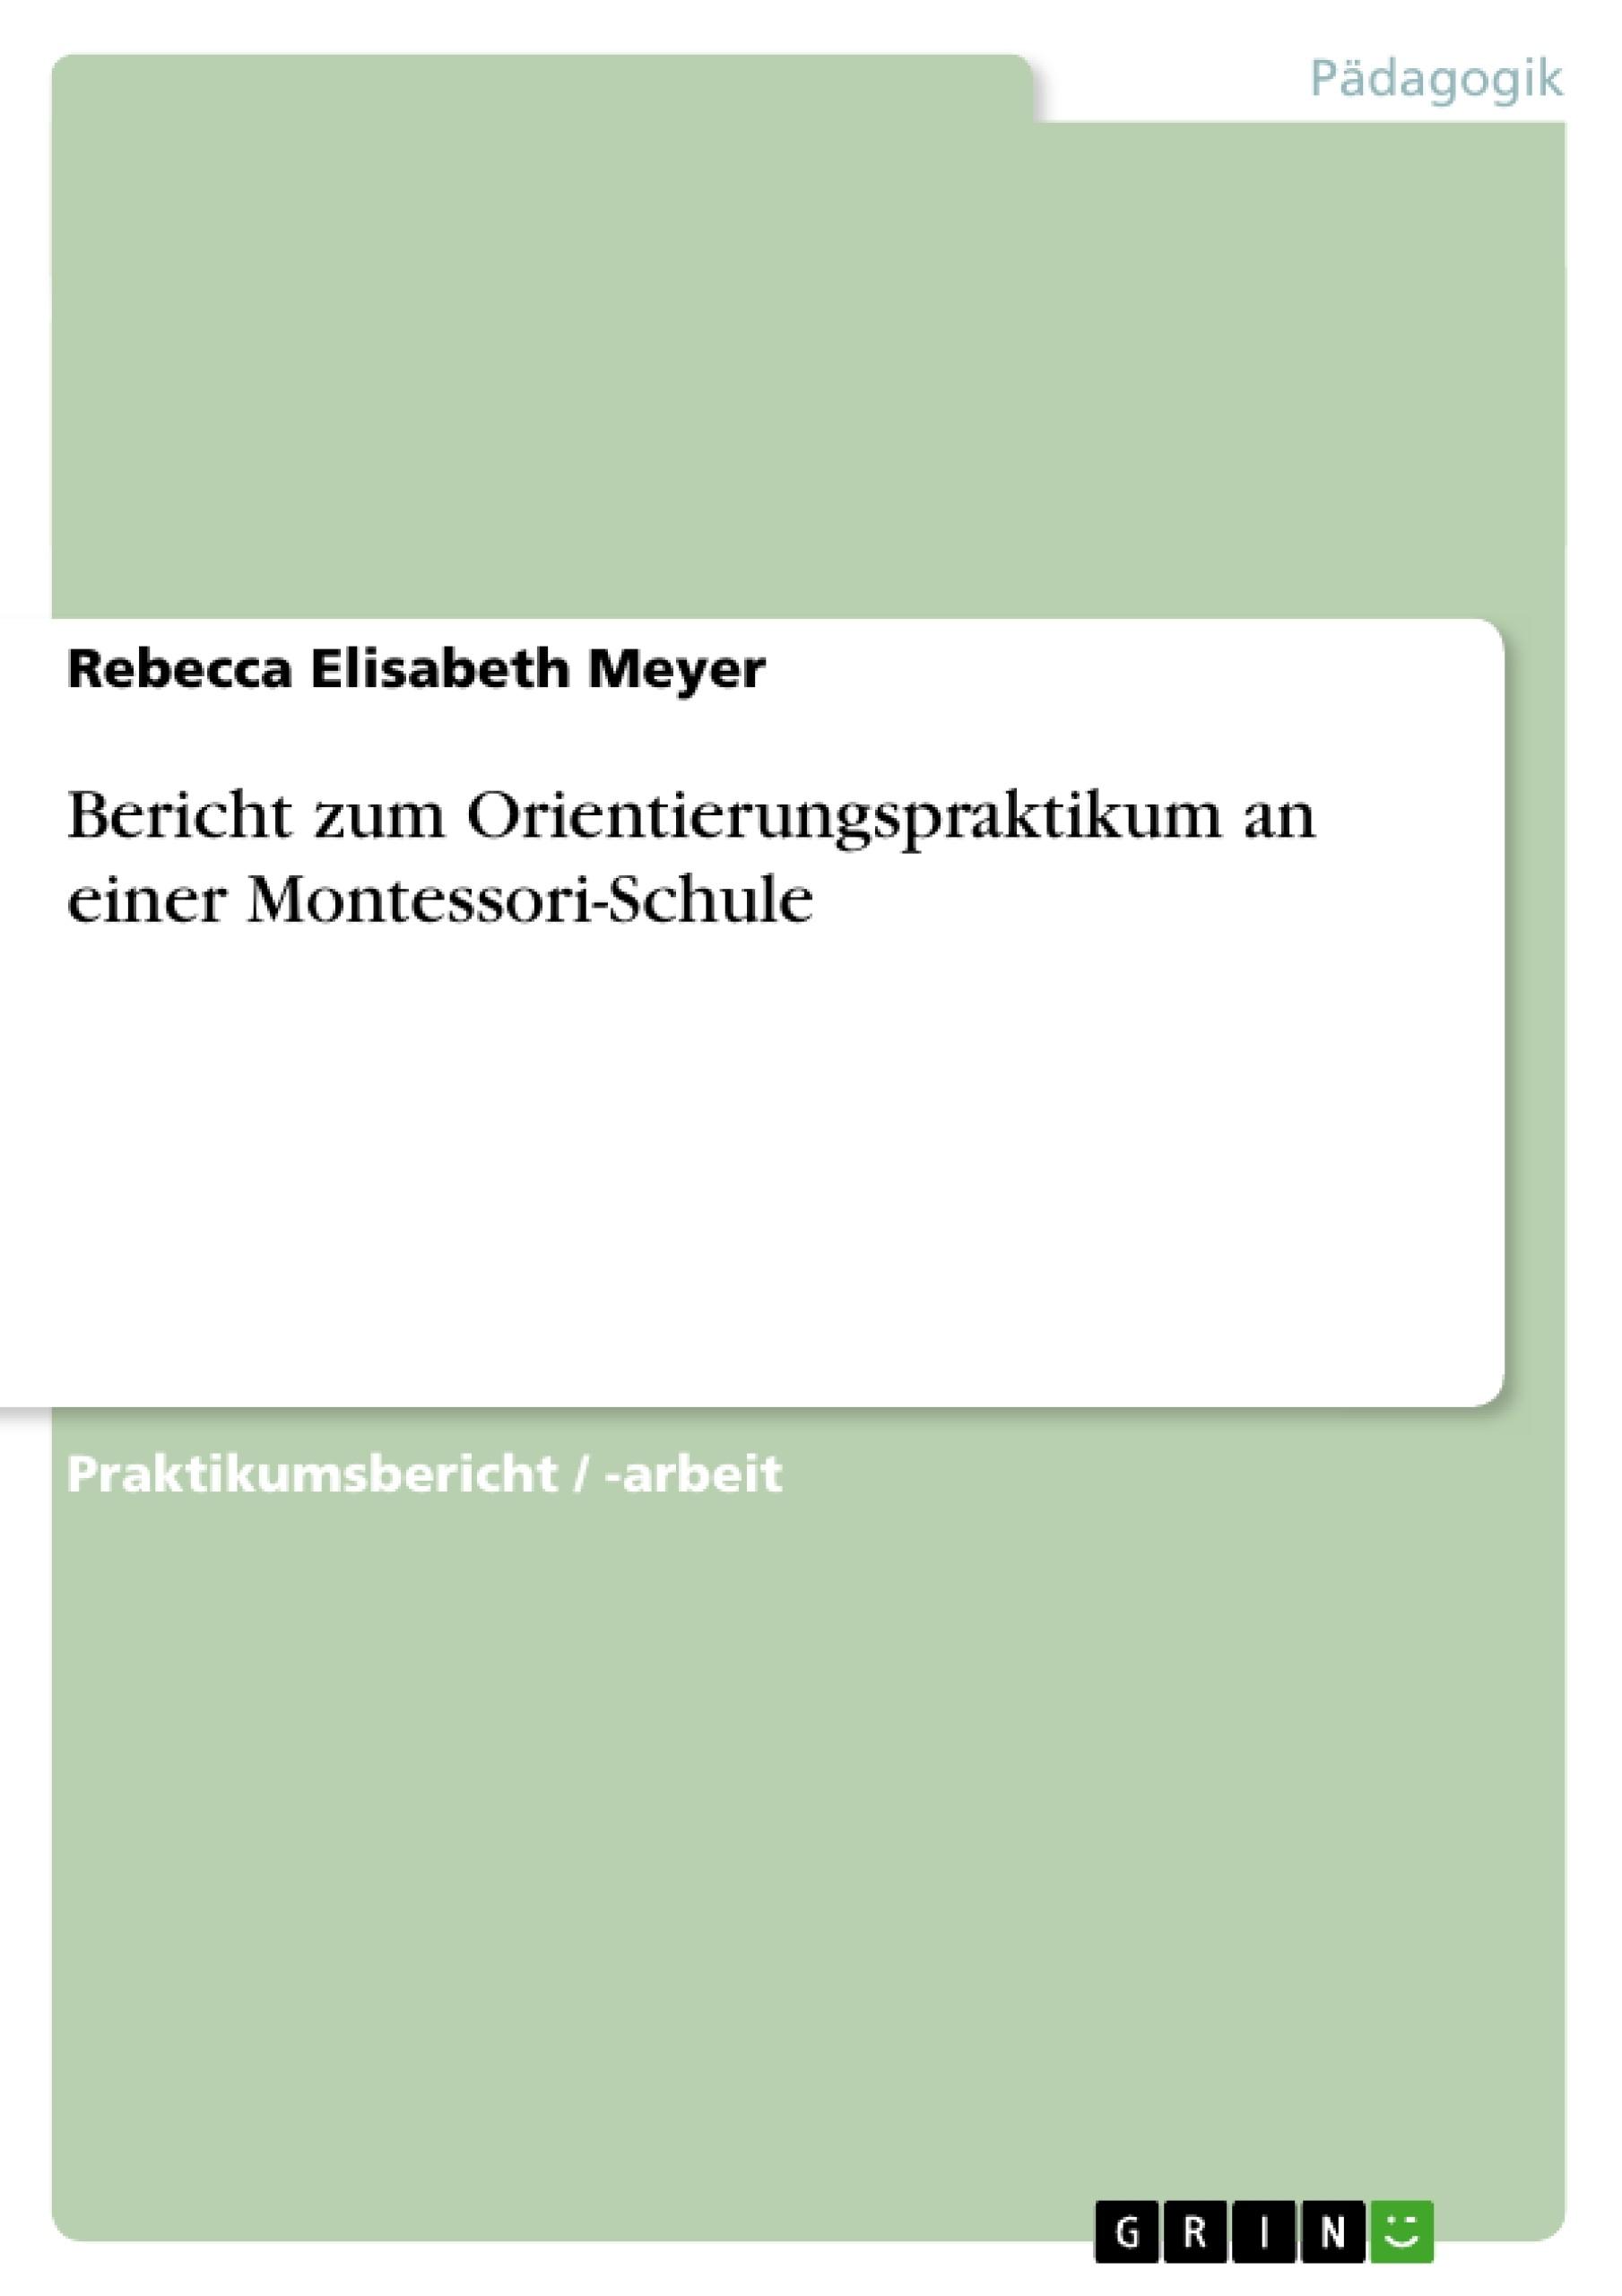 Titel: Bericht zum Orientierungspraktikum an einer Montessori-Schule